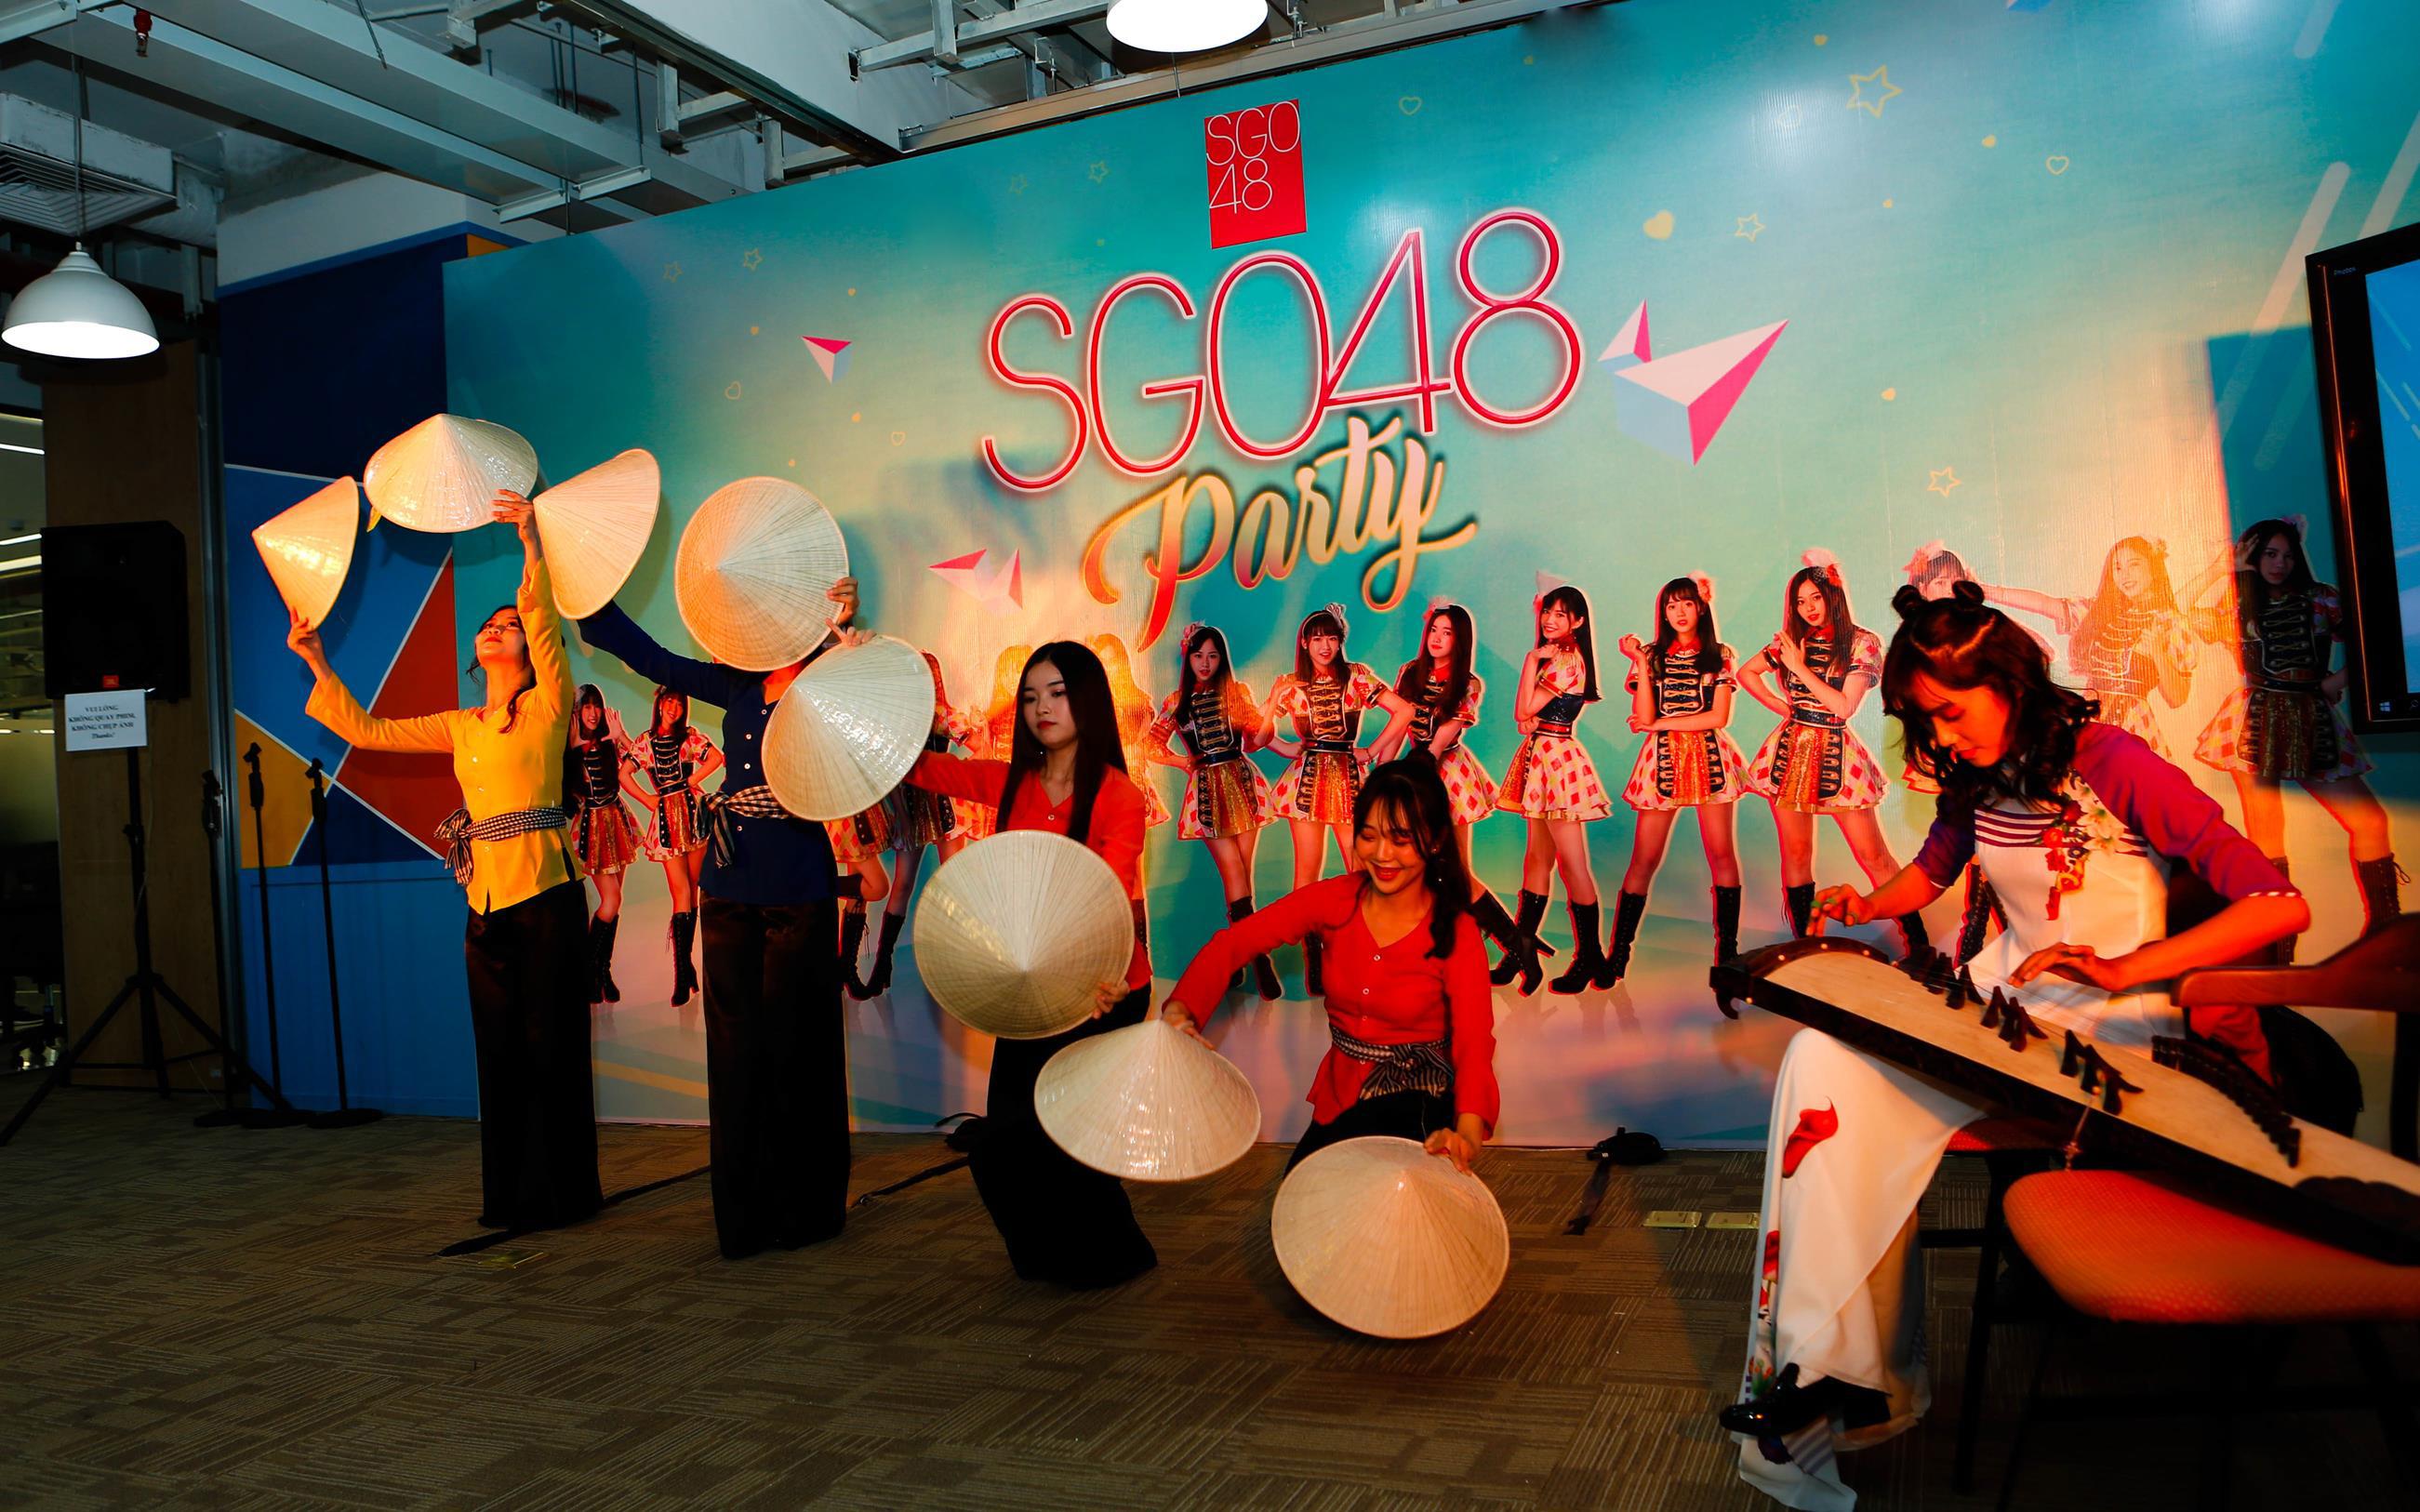 Các cô gái SGO48 choáng ngợp trước biển fan siêu to khổng lồ trong buổi fanmeting tại TP.HCM